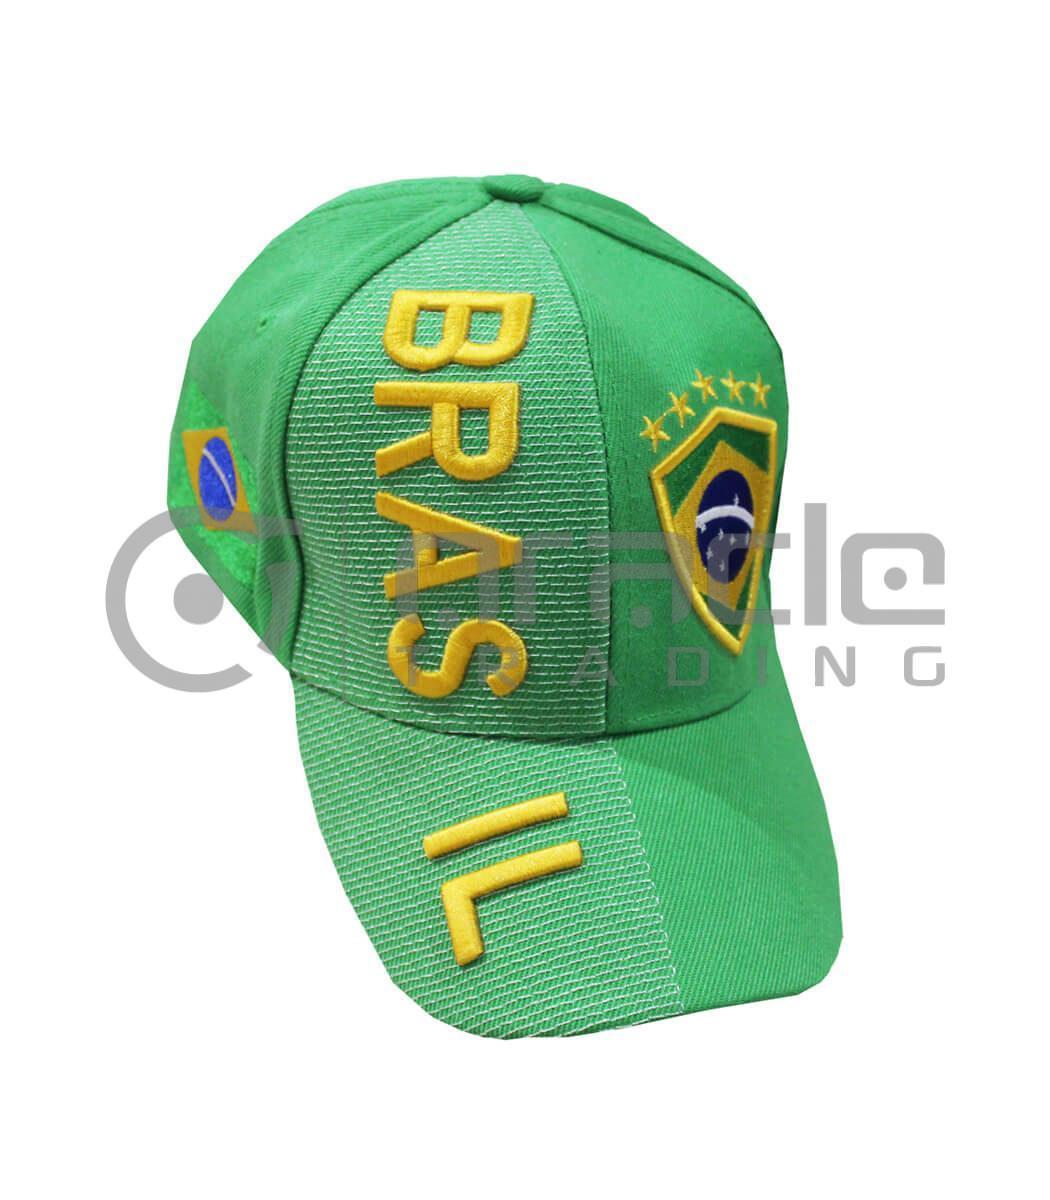 3D Brazil Hat - Green